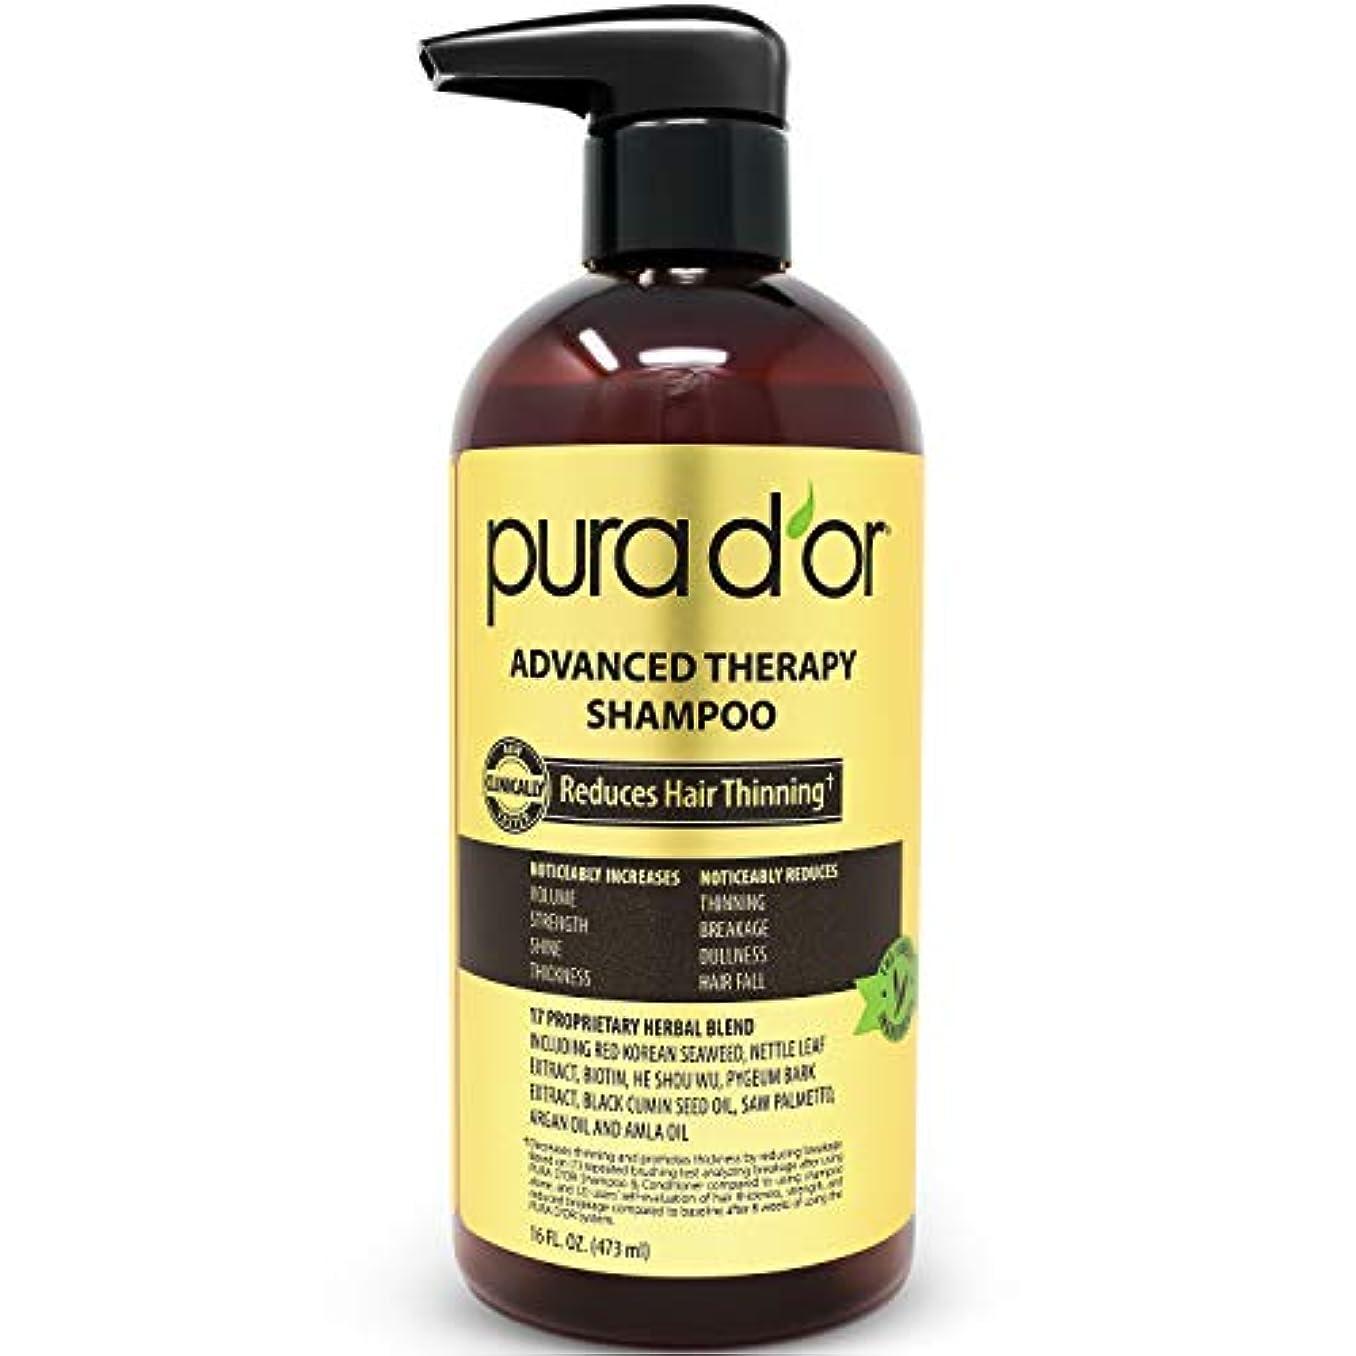 ジャケットグループガードPURA D'OR 高度セラピーシャンプー 薄毛を改善し、髪にボリュームを、硫酸塩フリー、アルガンオイル&アロエベラ&ビオチン配合、すべてのヘアタイプに、男性&女性、473ml(16液量オンス) 473ml(16 液量オンス)